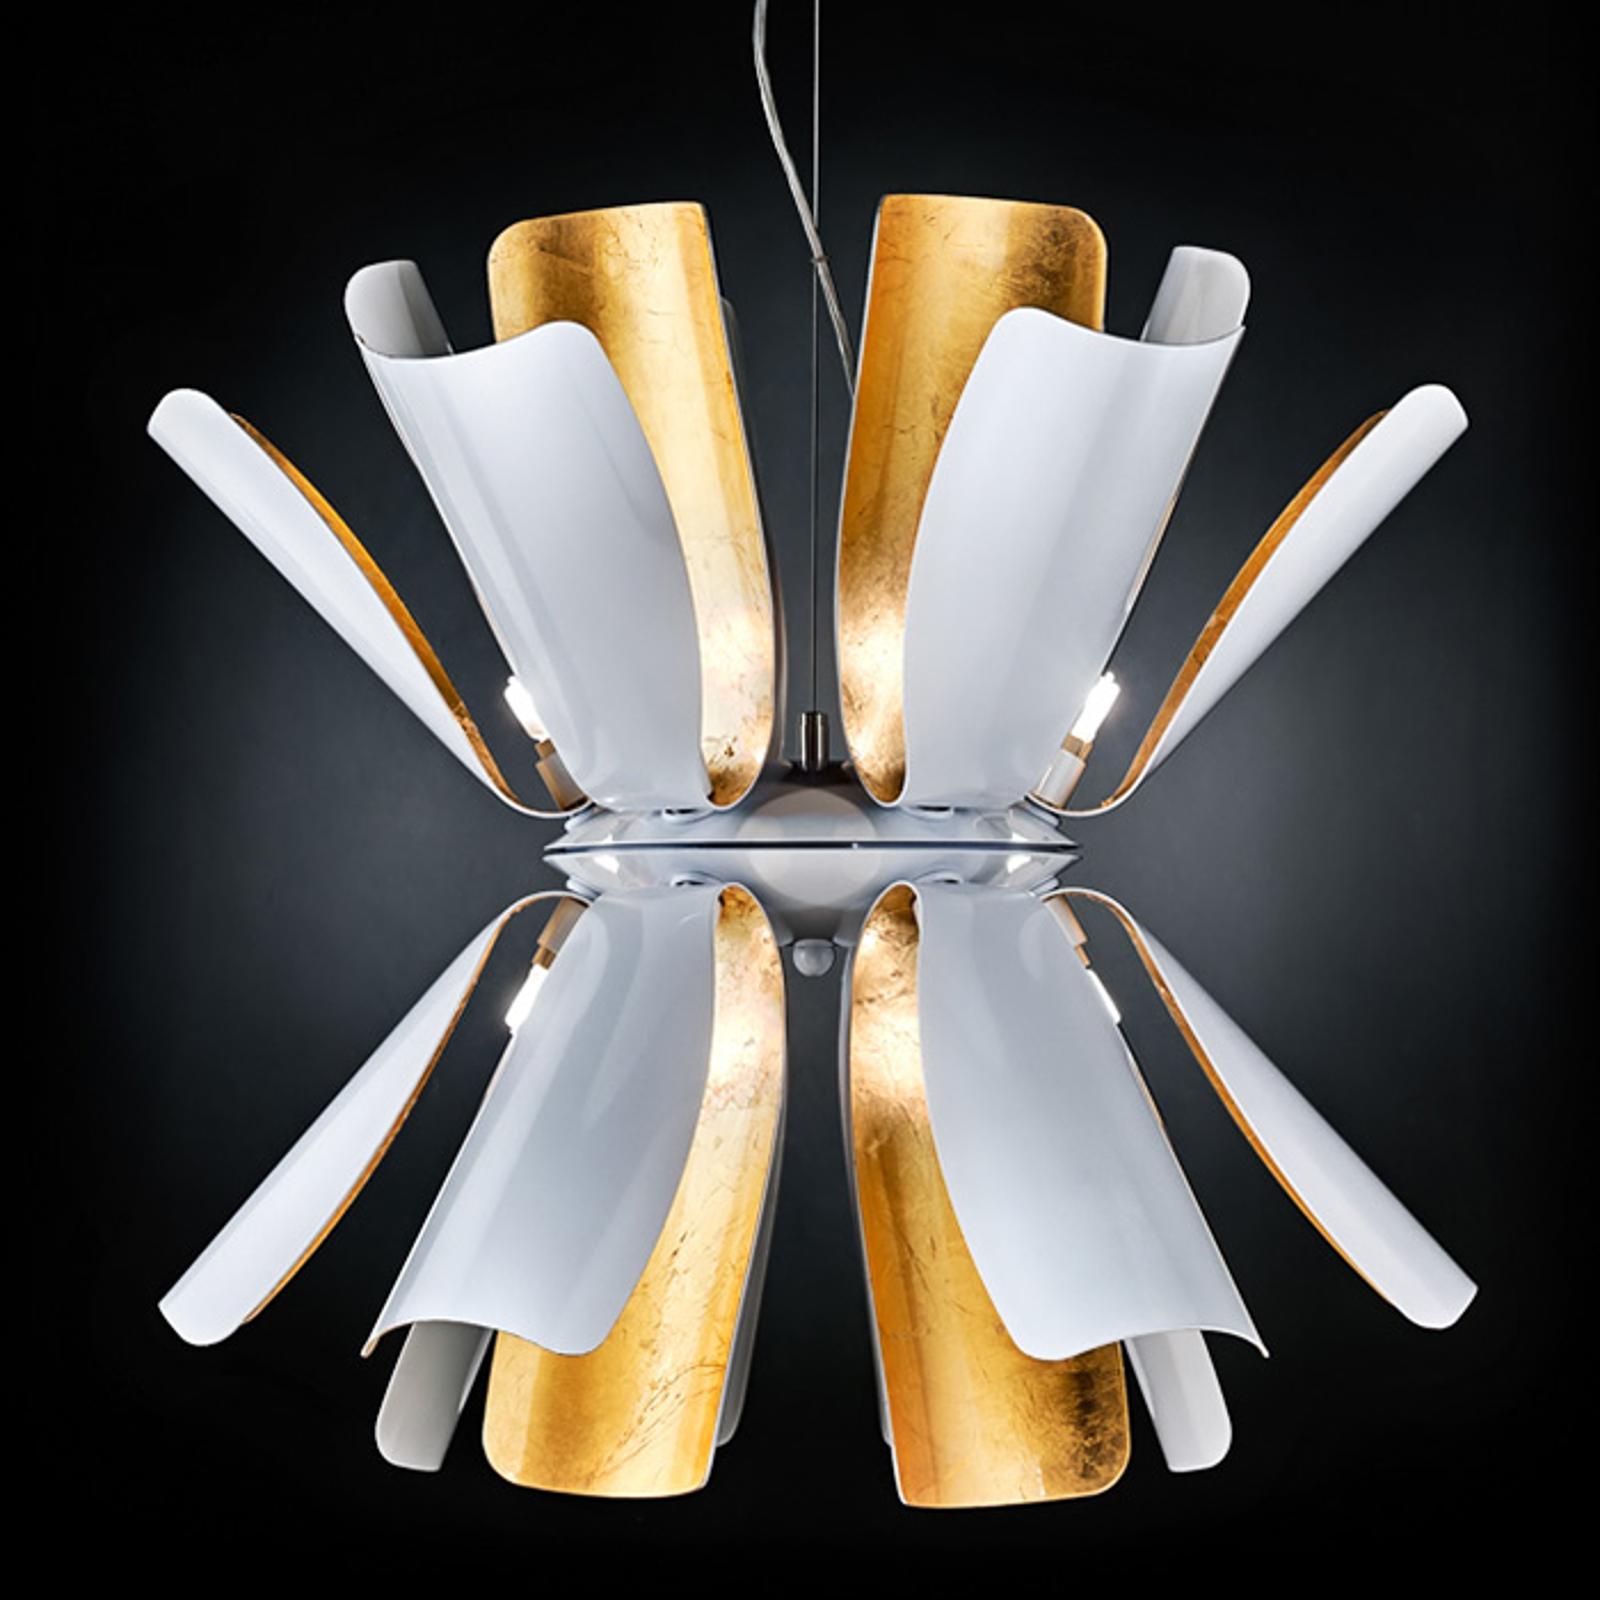 Závěsné světlo Tropic 60 cm bílé/lístkové zlato